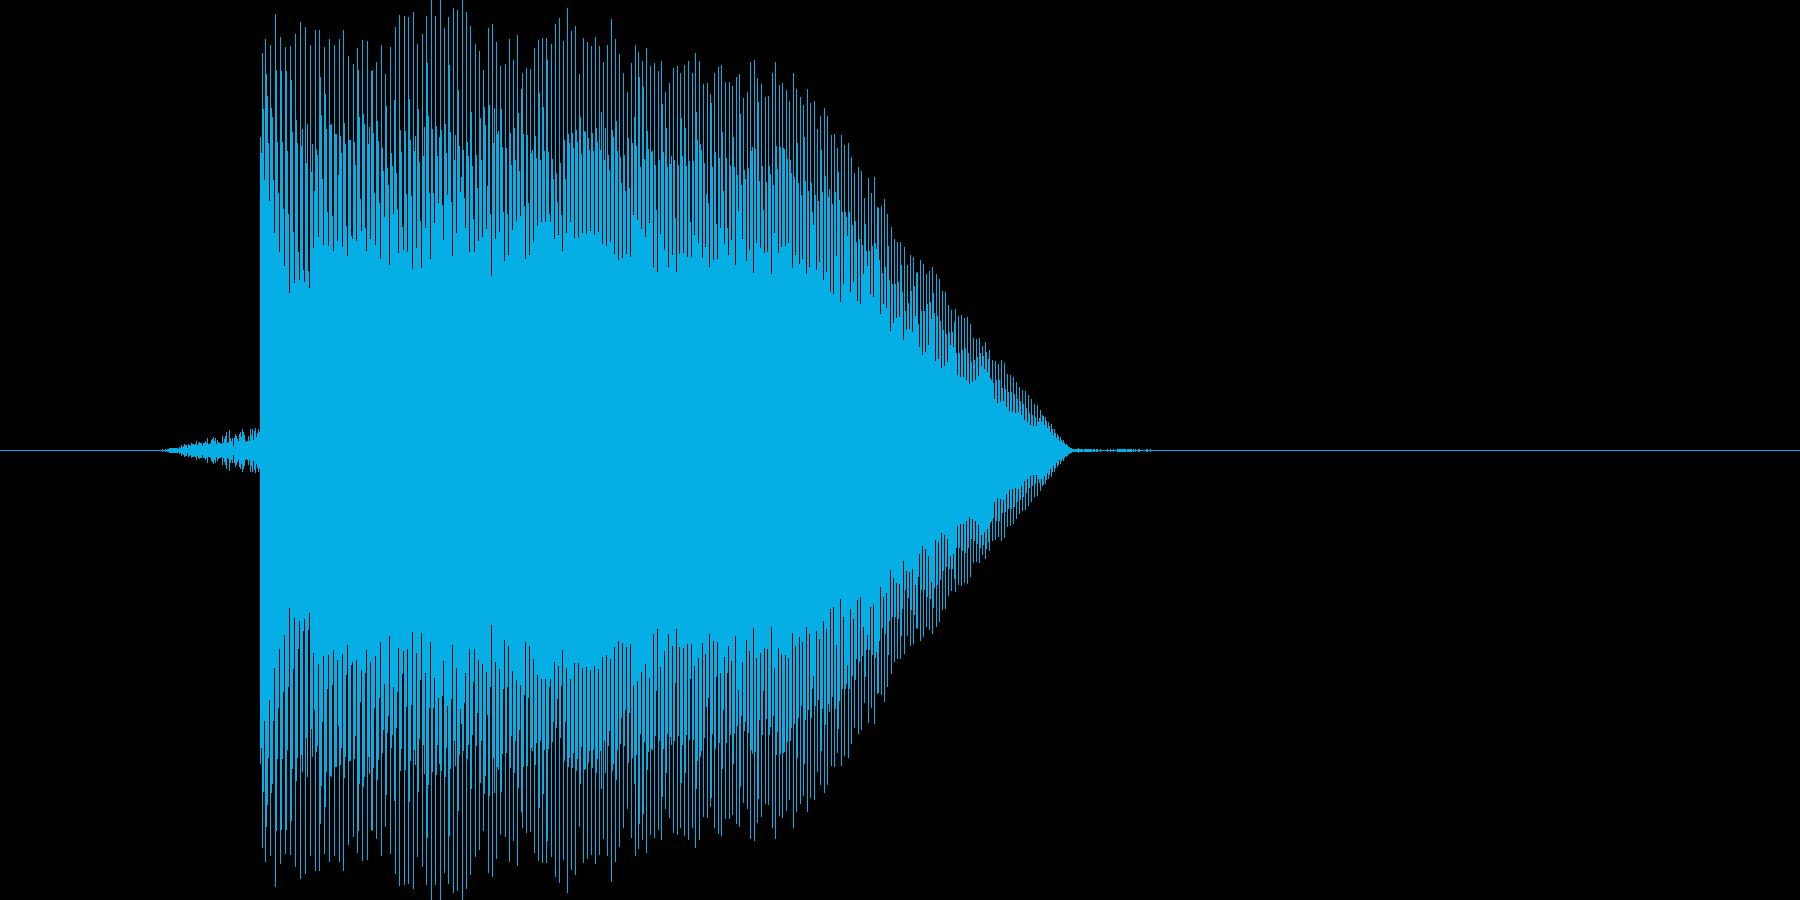 ゲーム(ファミコン風)ジャンプ音_001の再生済みの波形